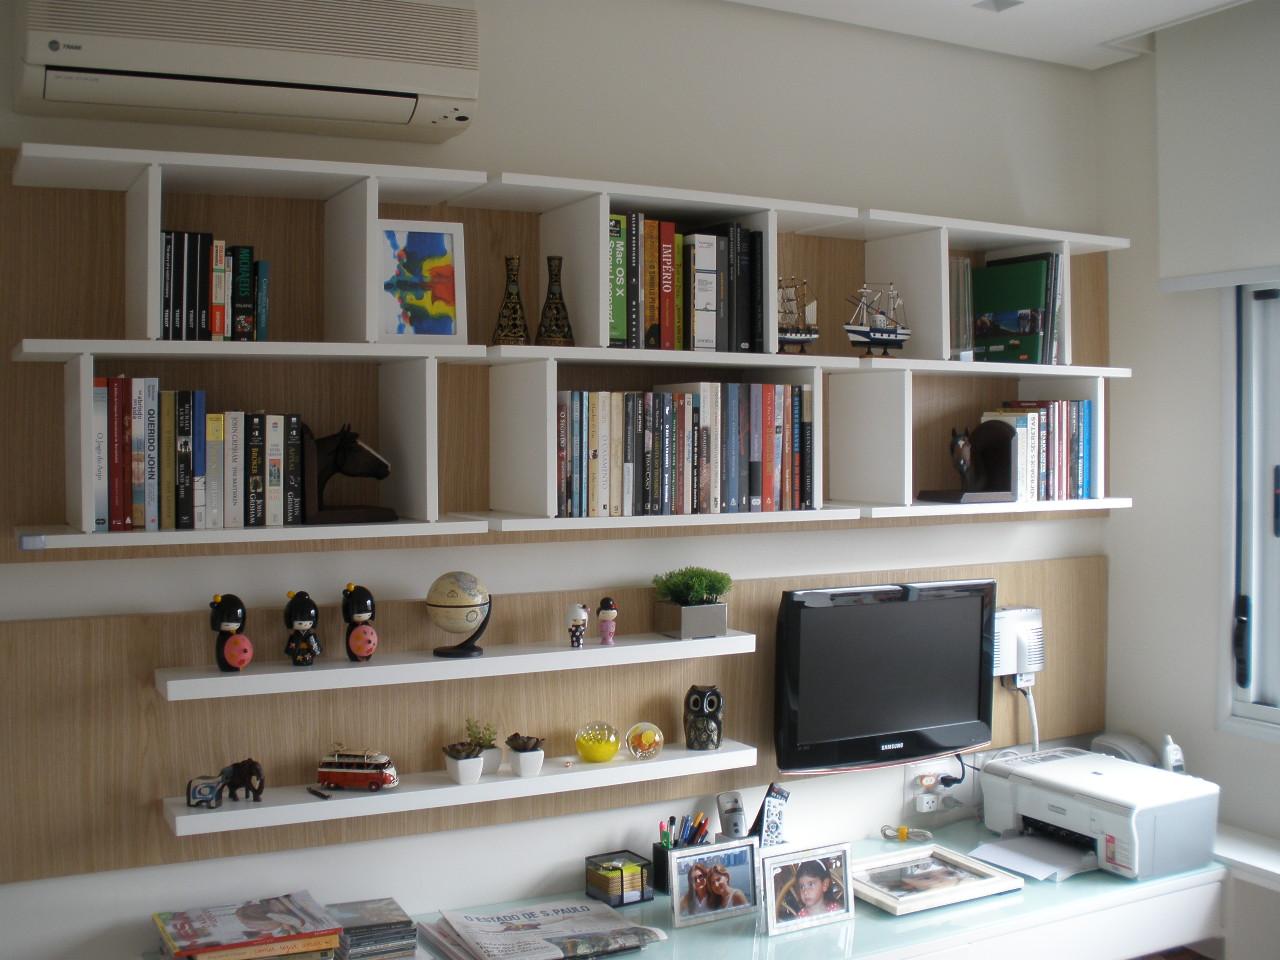 Projetos e Detalhes: Julho 2011 #604C3A 1280x960